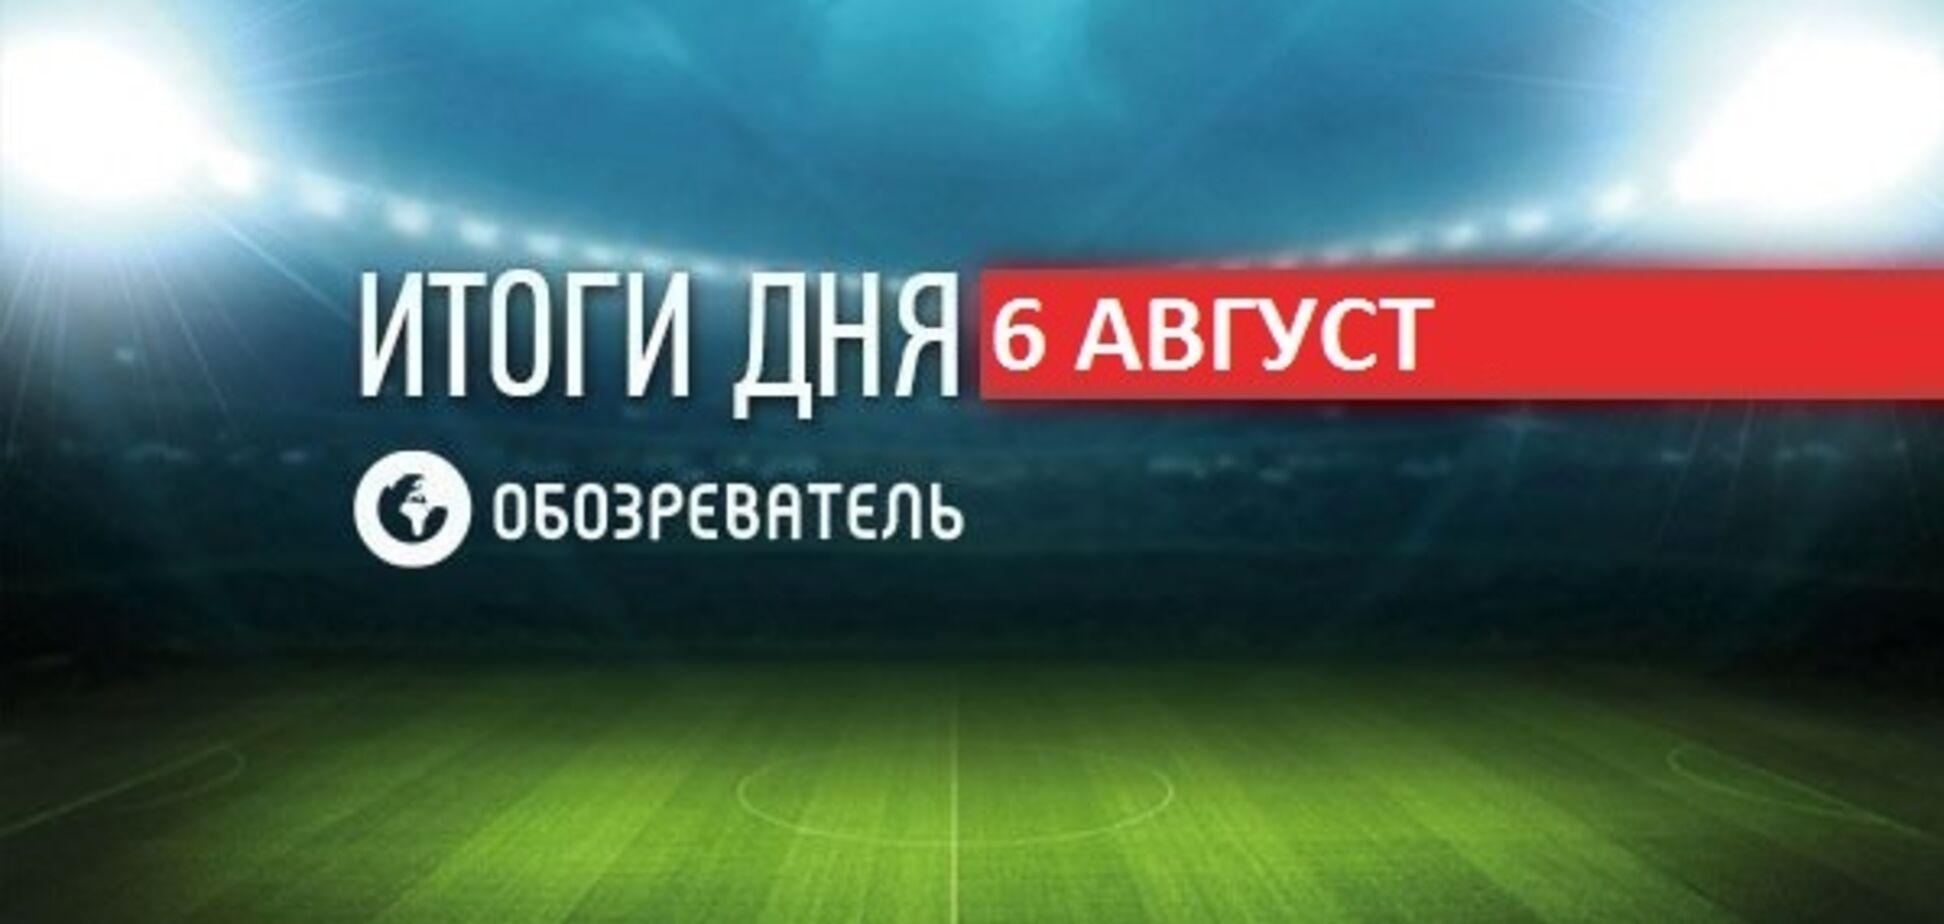 Усик в беседе с Шарием высказался о Зеленском: спортивные итоги 6 августа